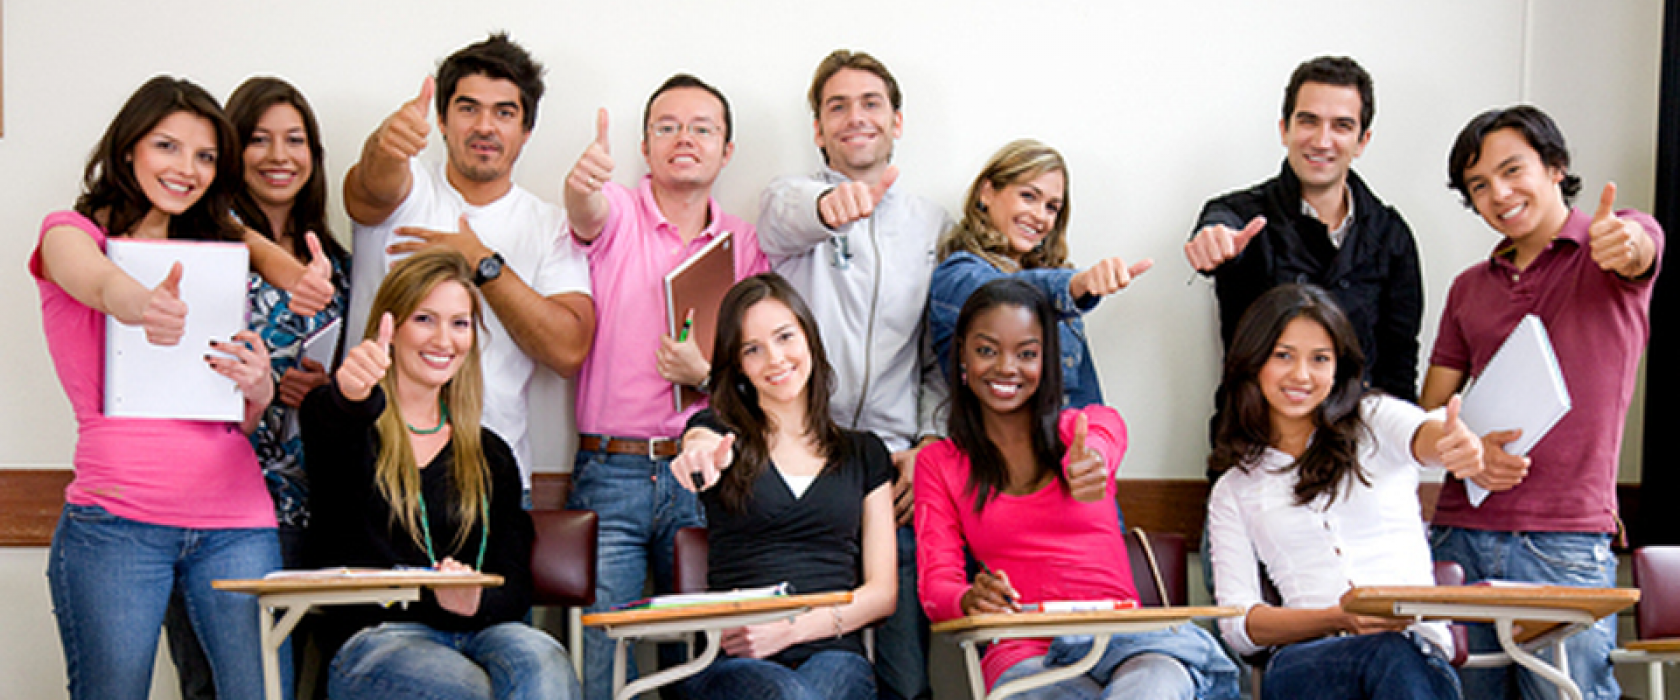 Kanada Özel Okul ve Eğitim Olanakları Nelerdir?